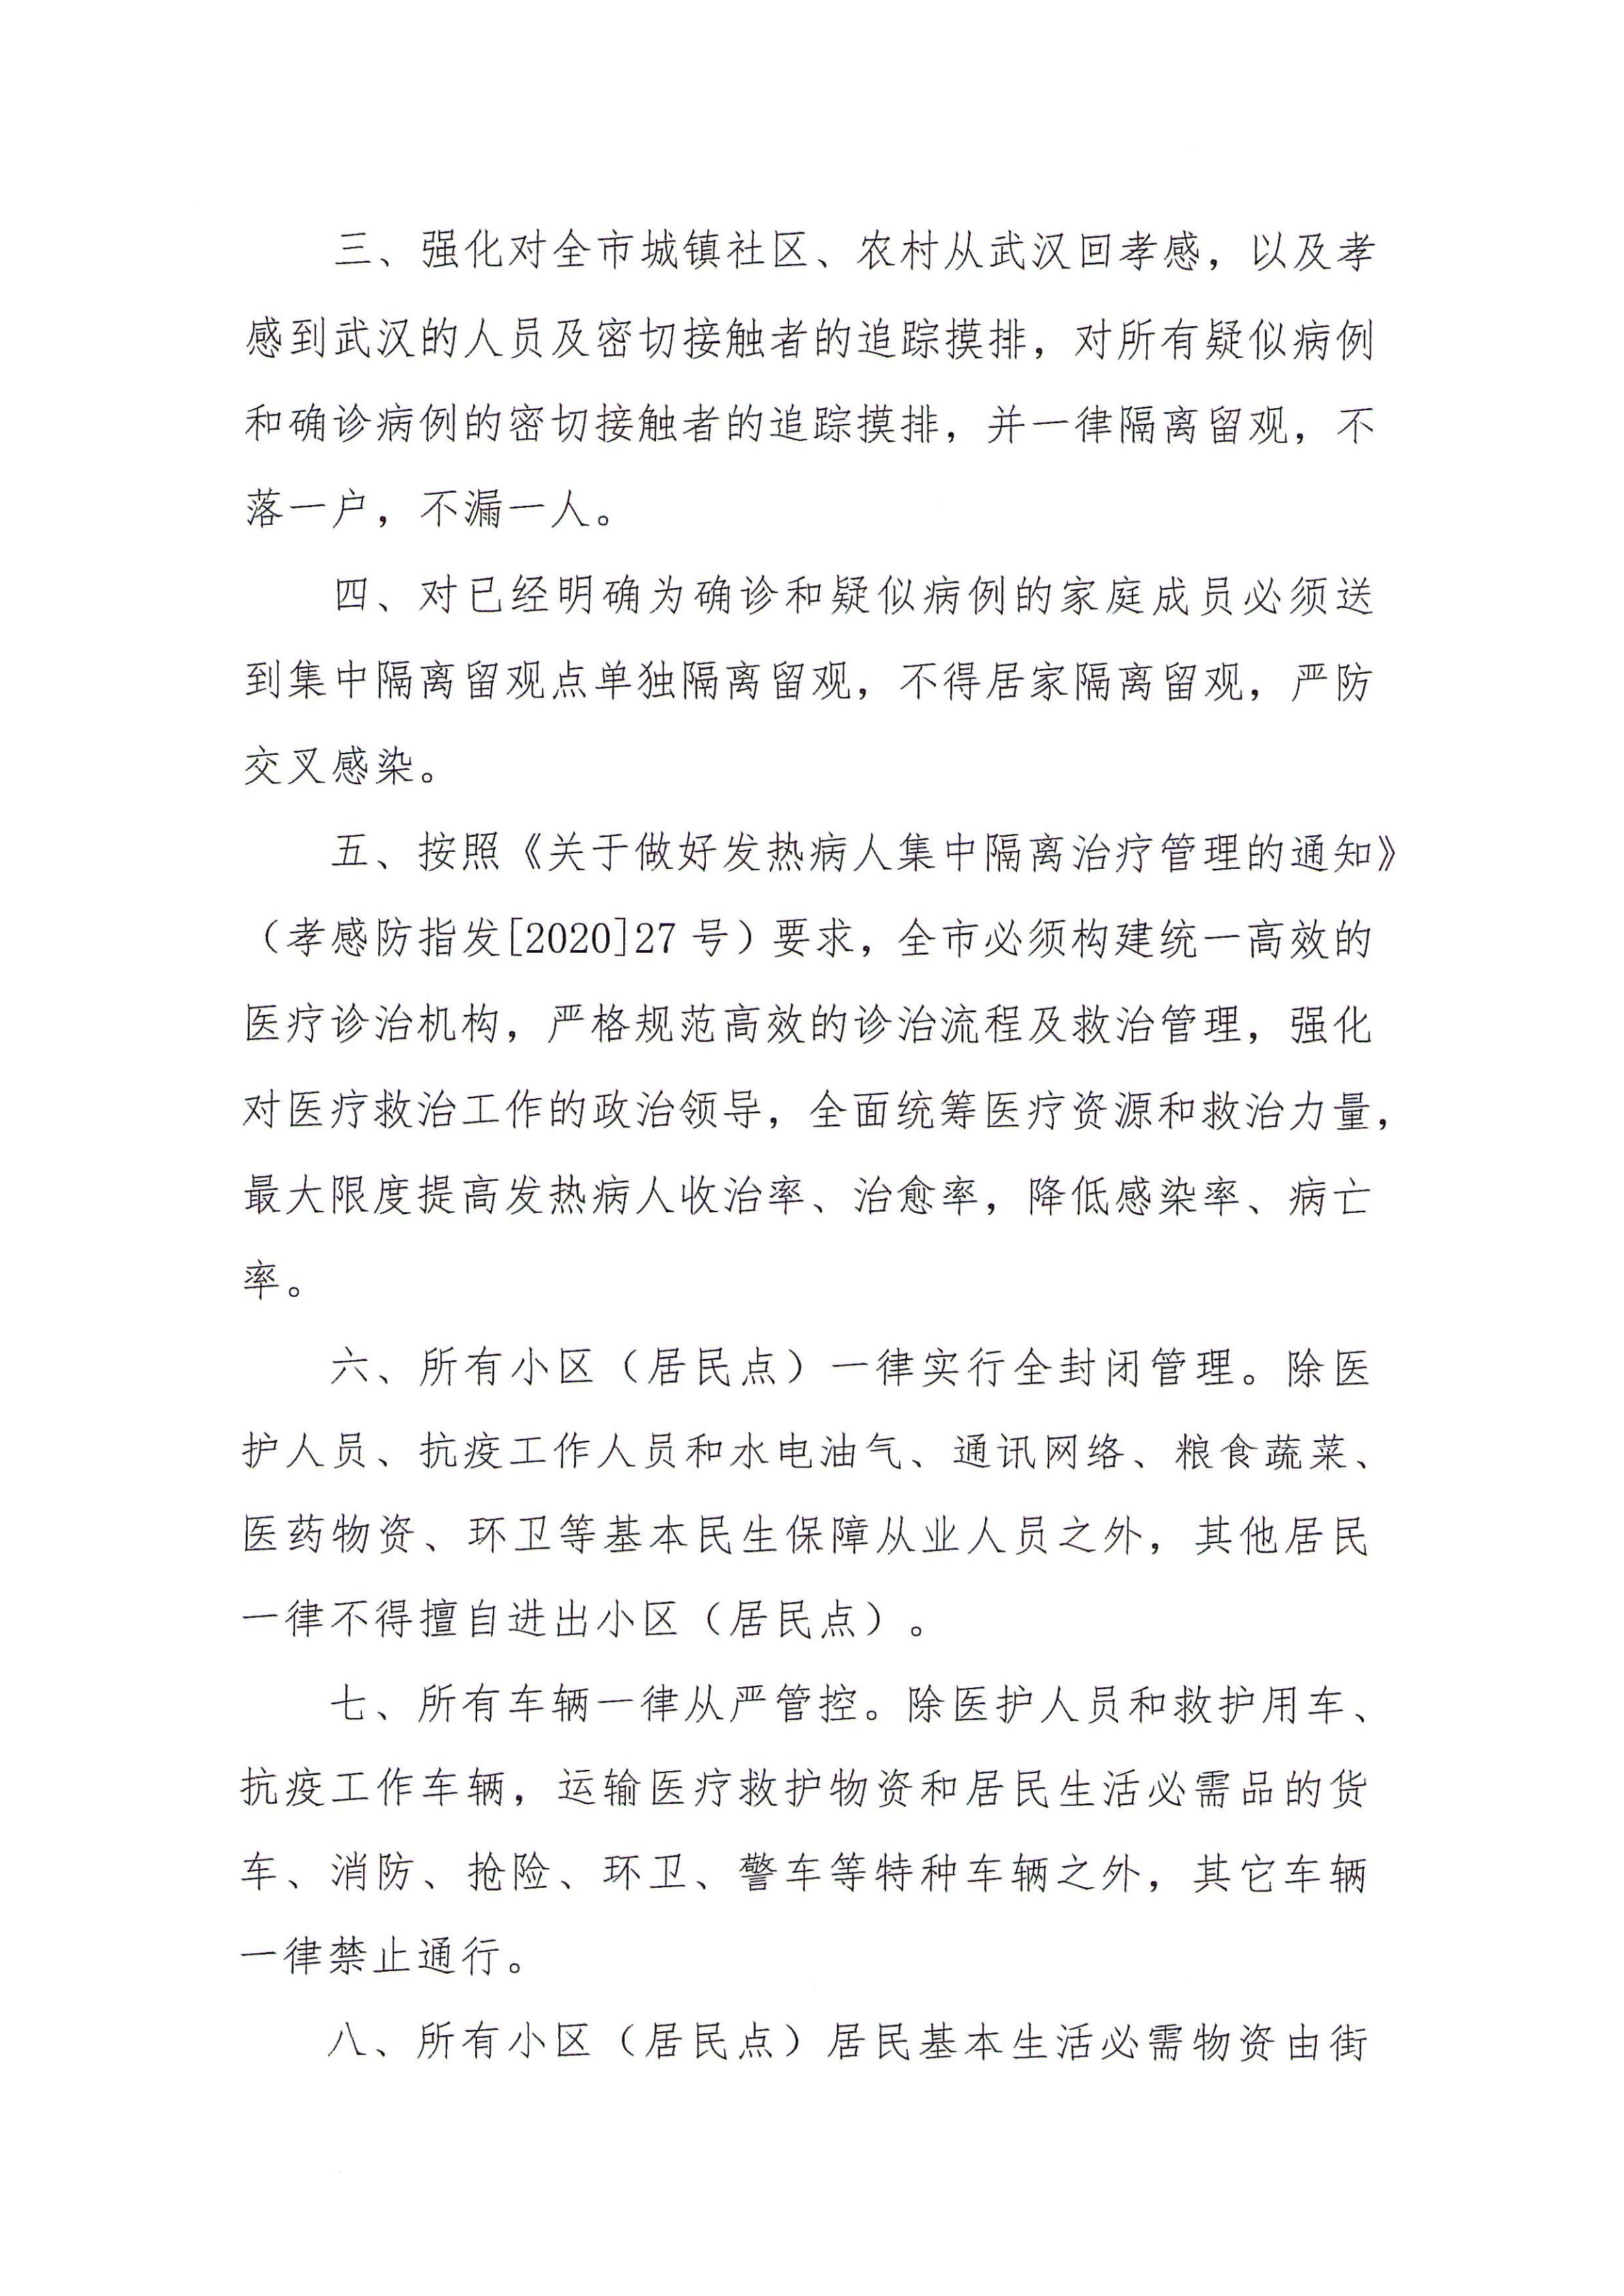 湖北孝感升级防控措施:小区(居民点)一律全封闭管理-澳门金沙线上娱乐网地产